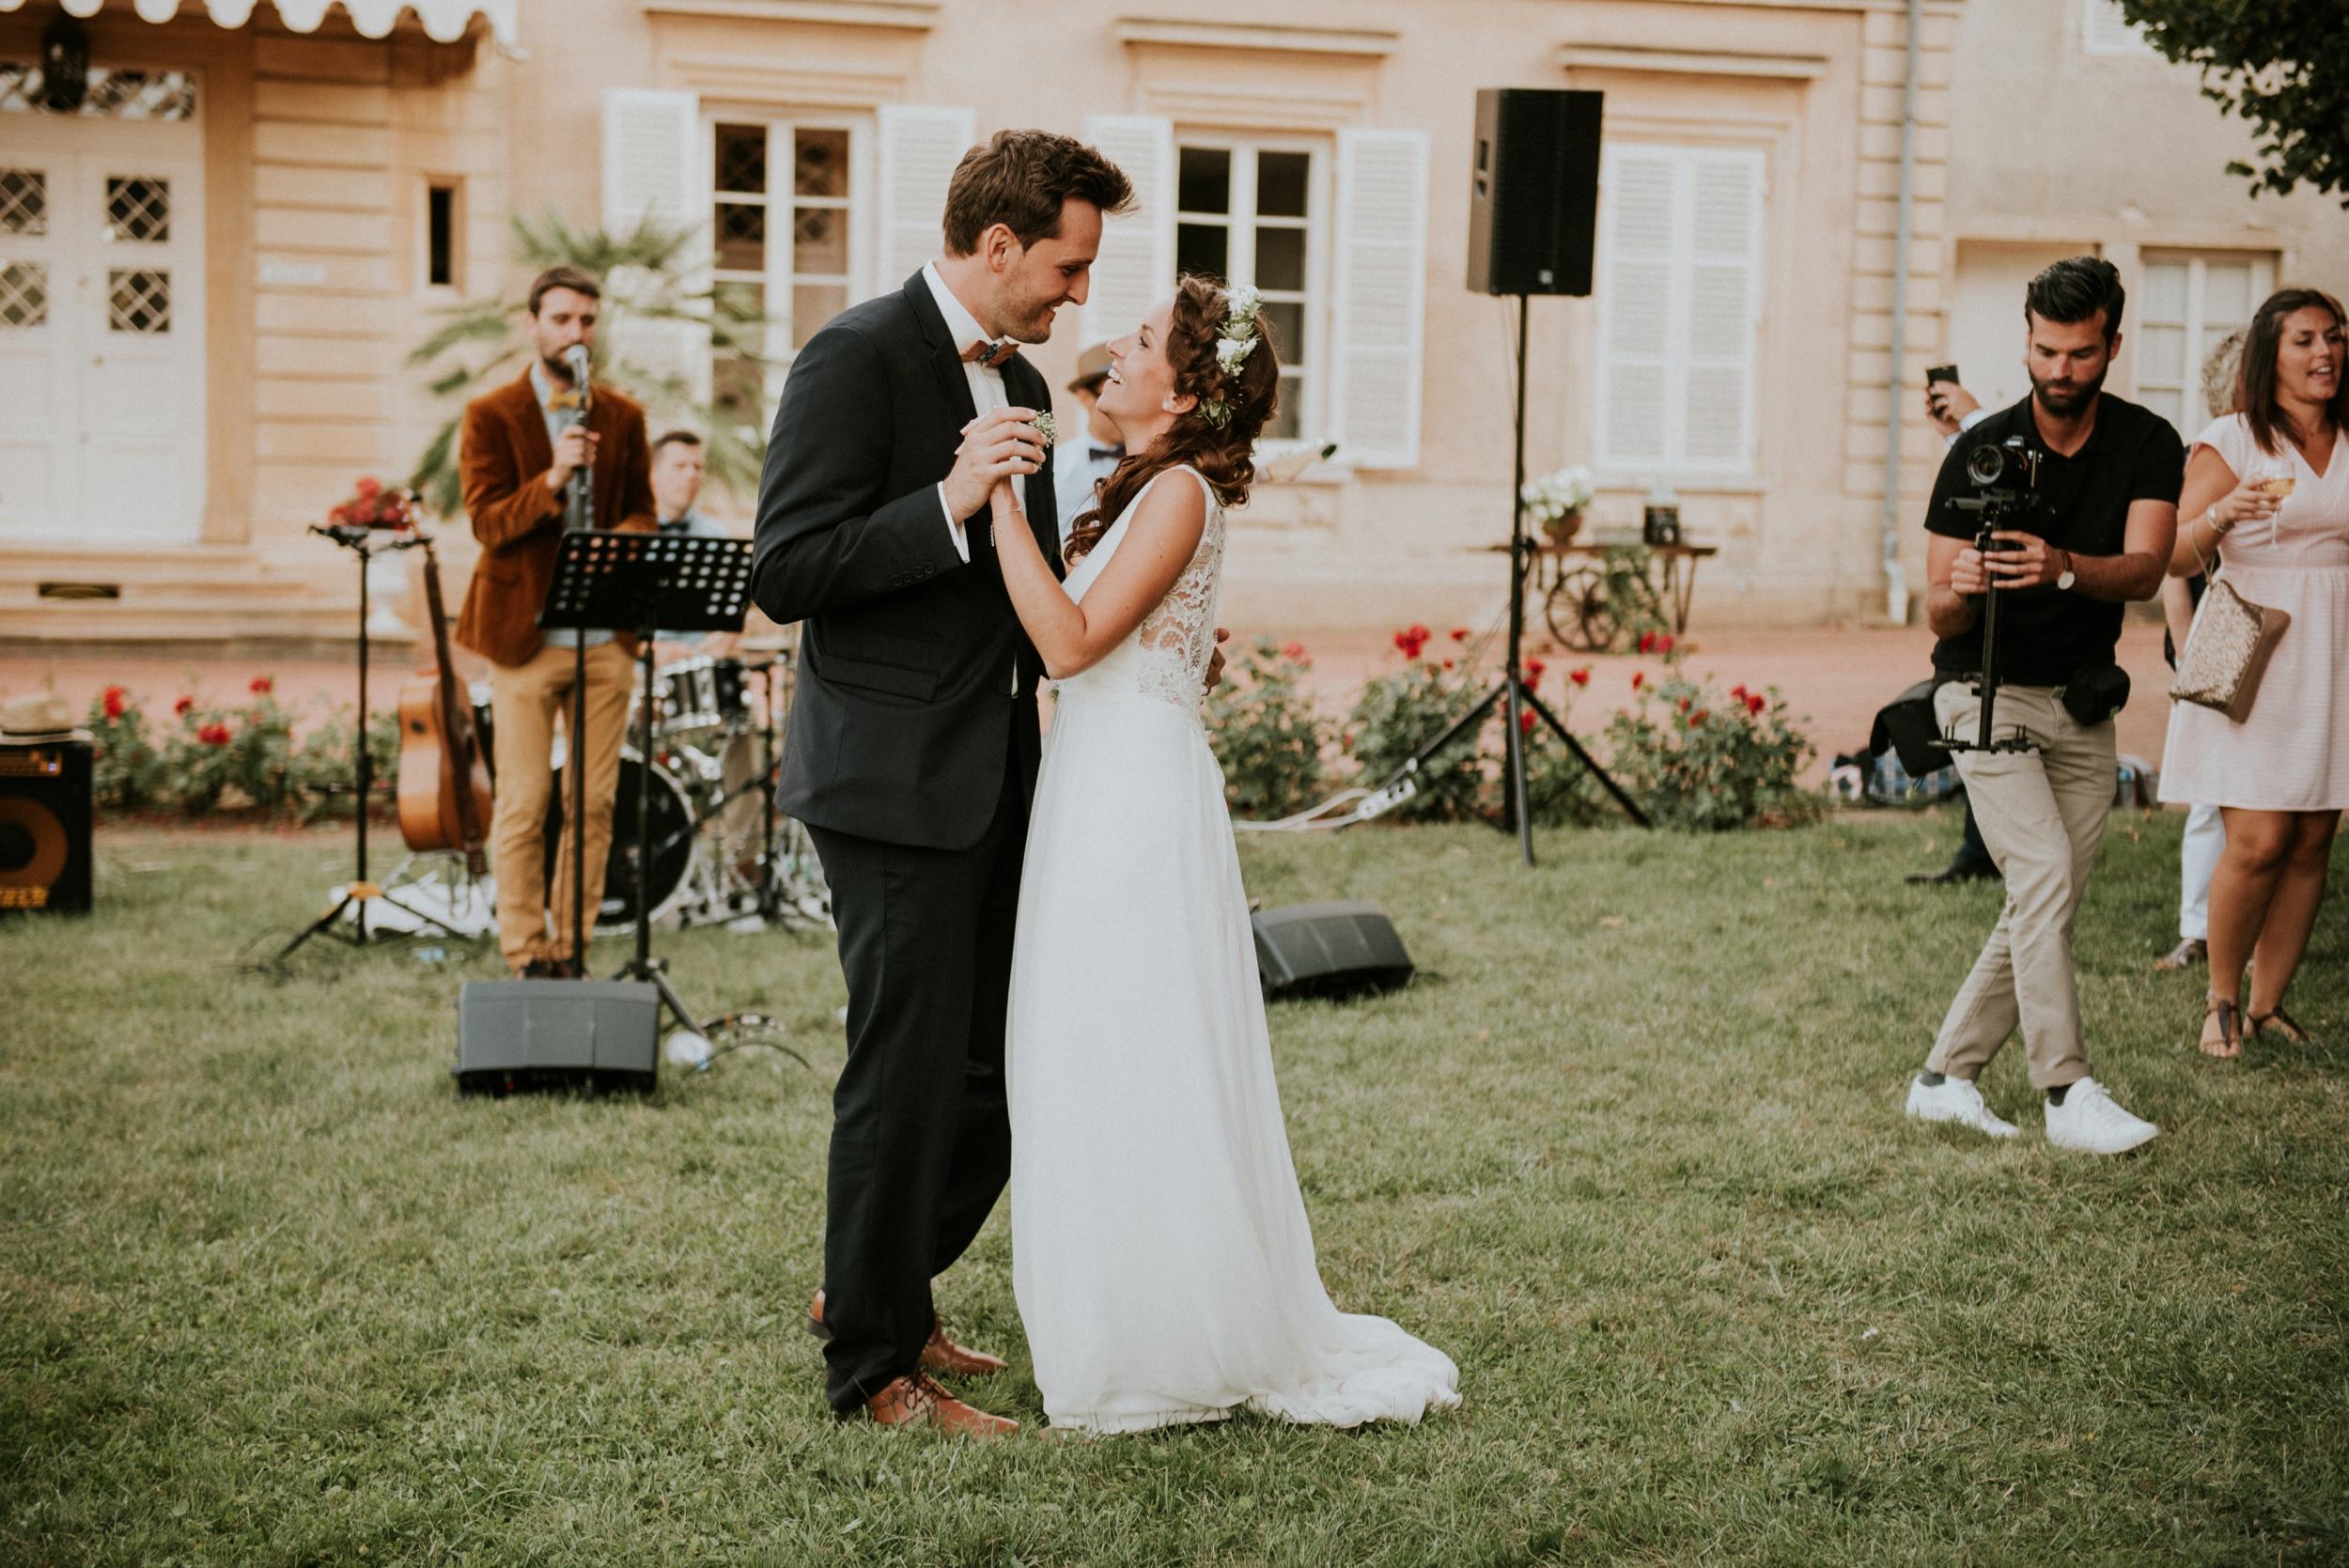 photographe mariage rhone alpes grenoble lyon annecy geneve montagne ceremonie laique_0044